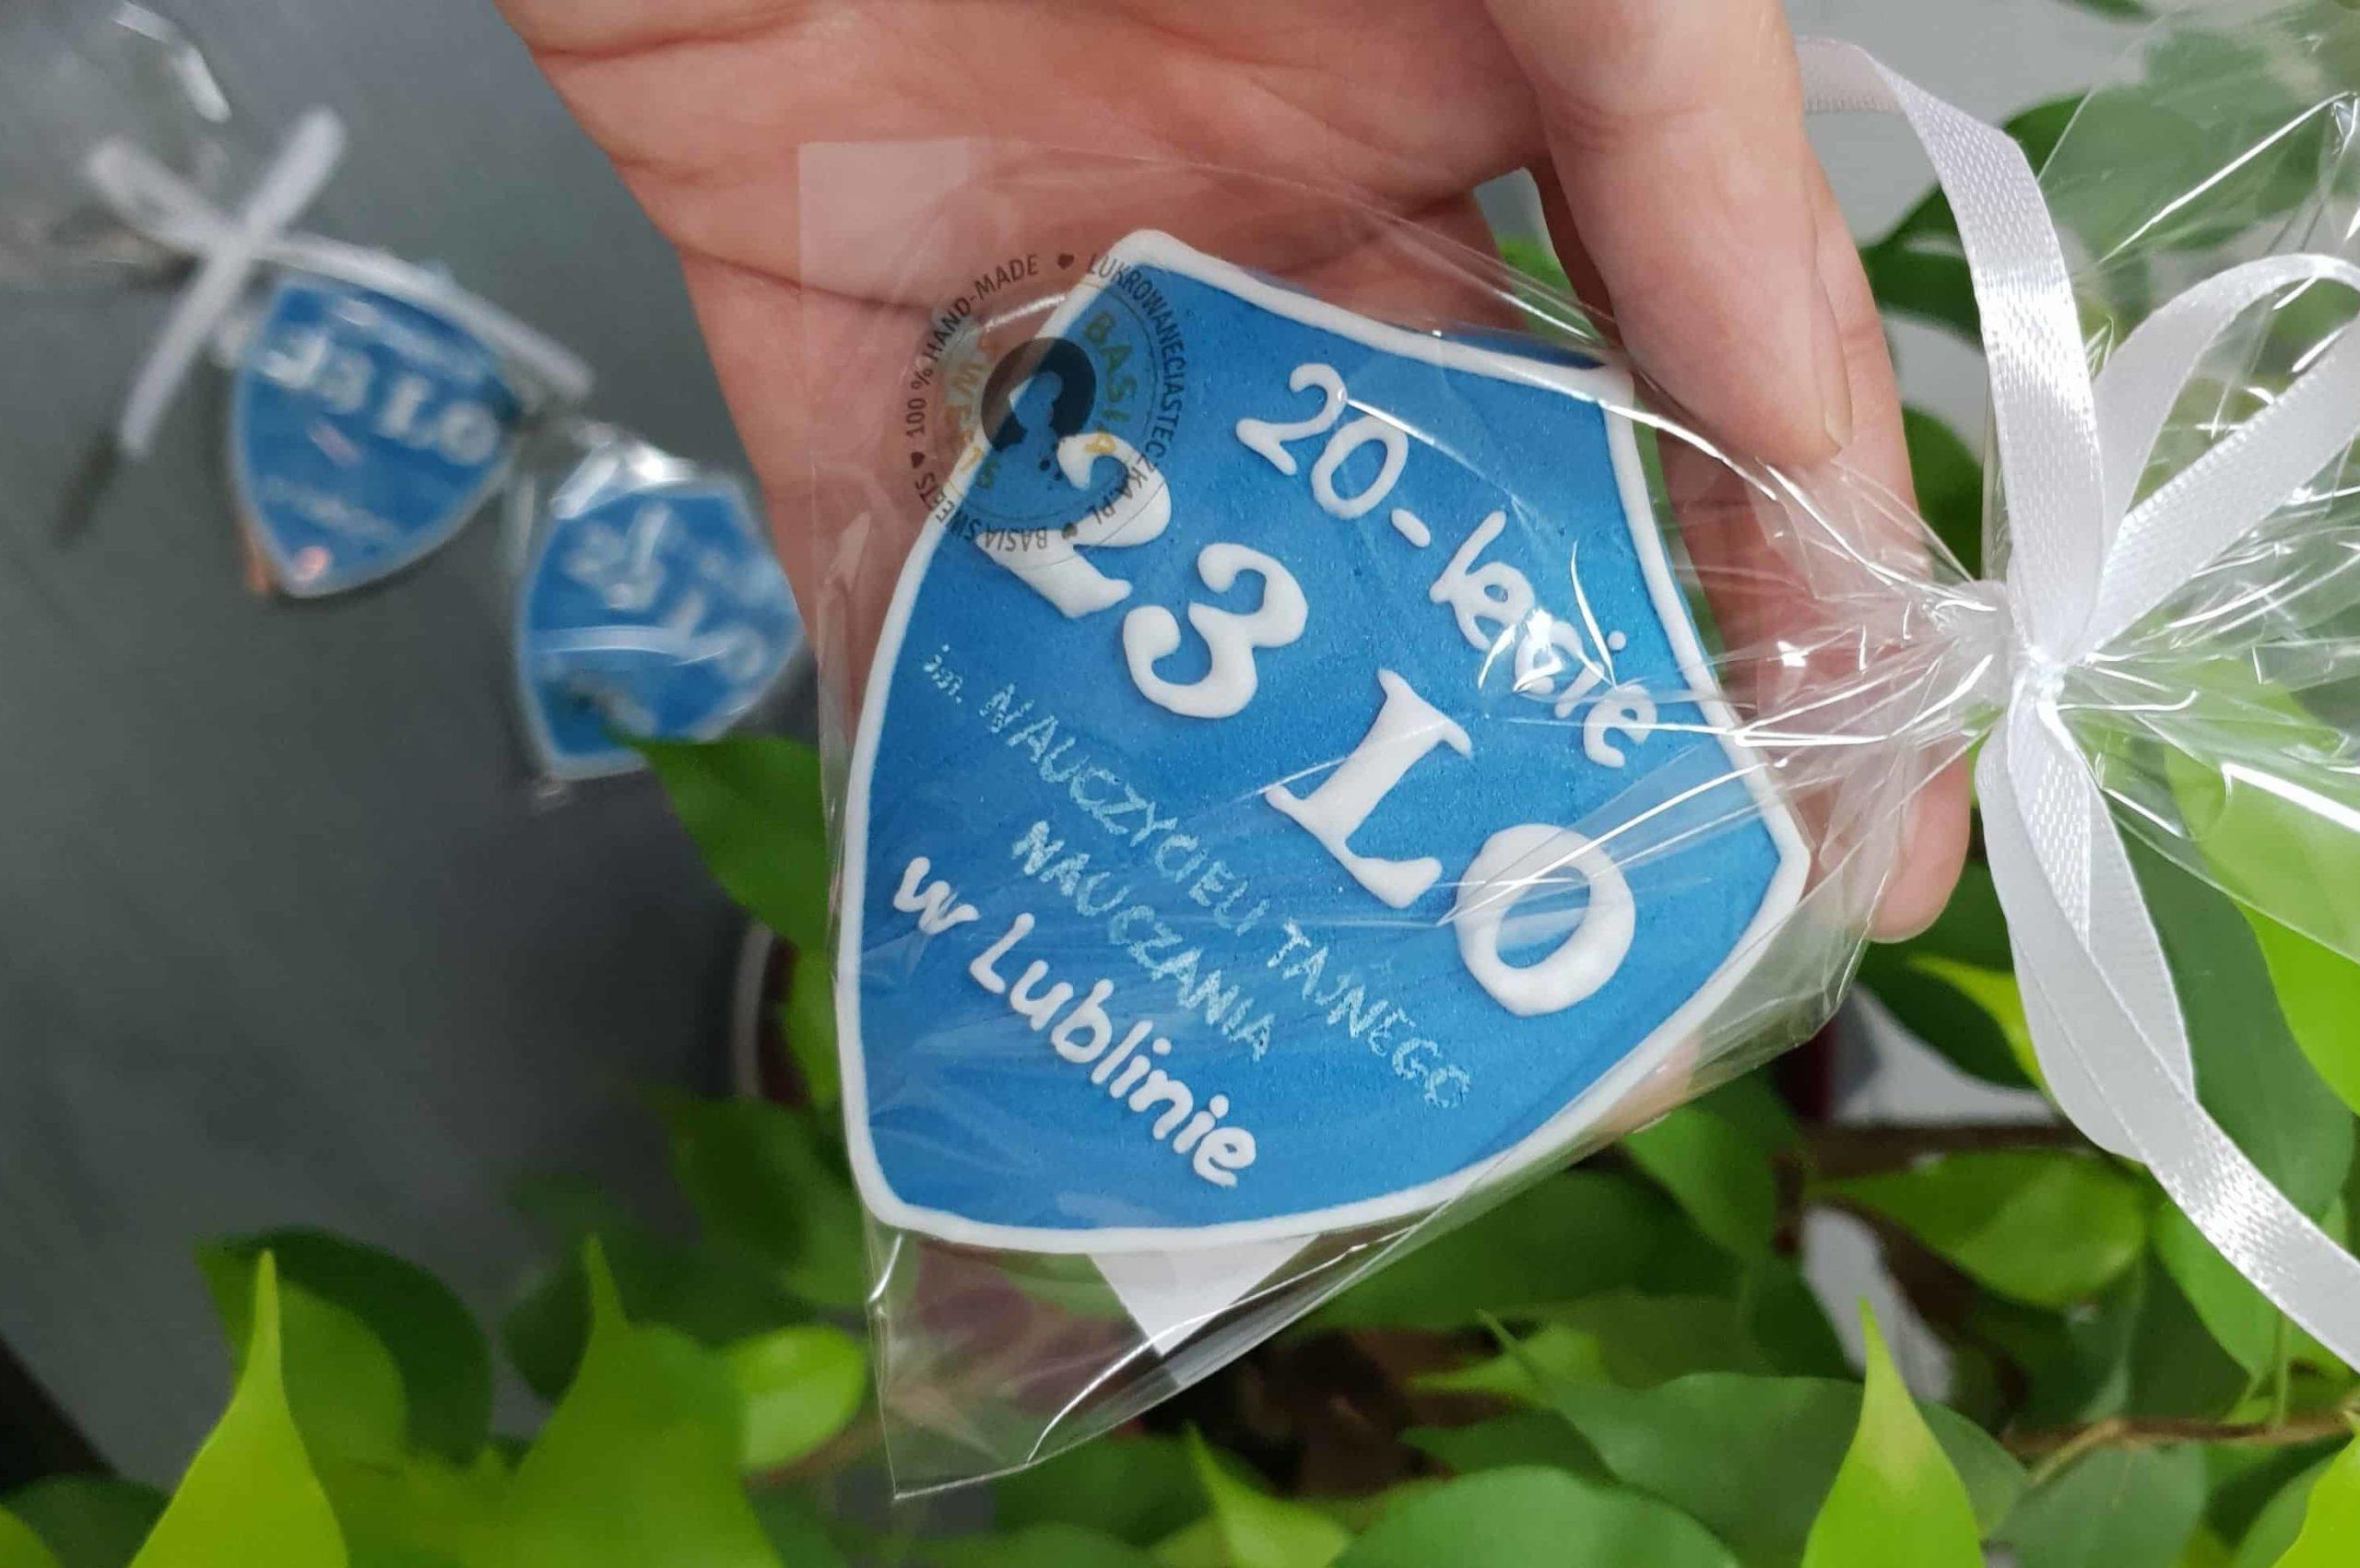 Pierniczki na koniec roku szkolnego - Tarcza szkolna, Lukrowane ciasteczka z logo, tarcza szkolna na jubileusz szkoły, ciastka z logo - Basia sweets